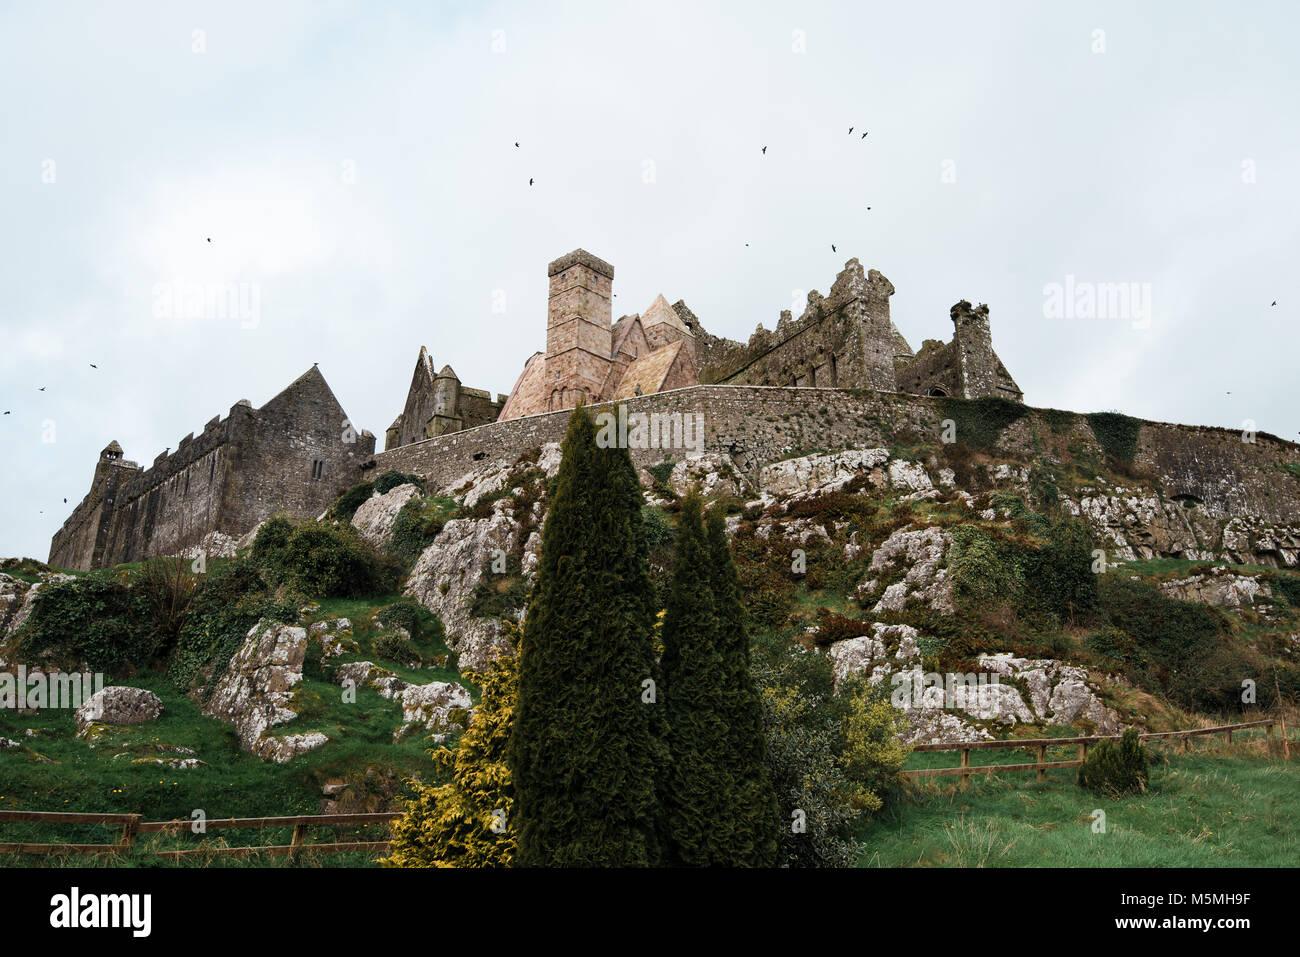 Alten irischen Schloss erzählt Schwänzen von Alt wie Krähen fliegen um Stockbild